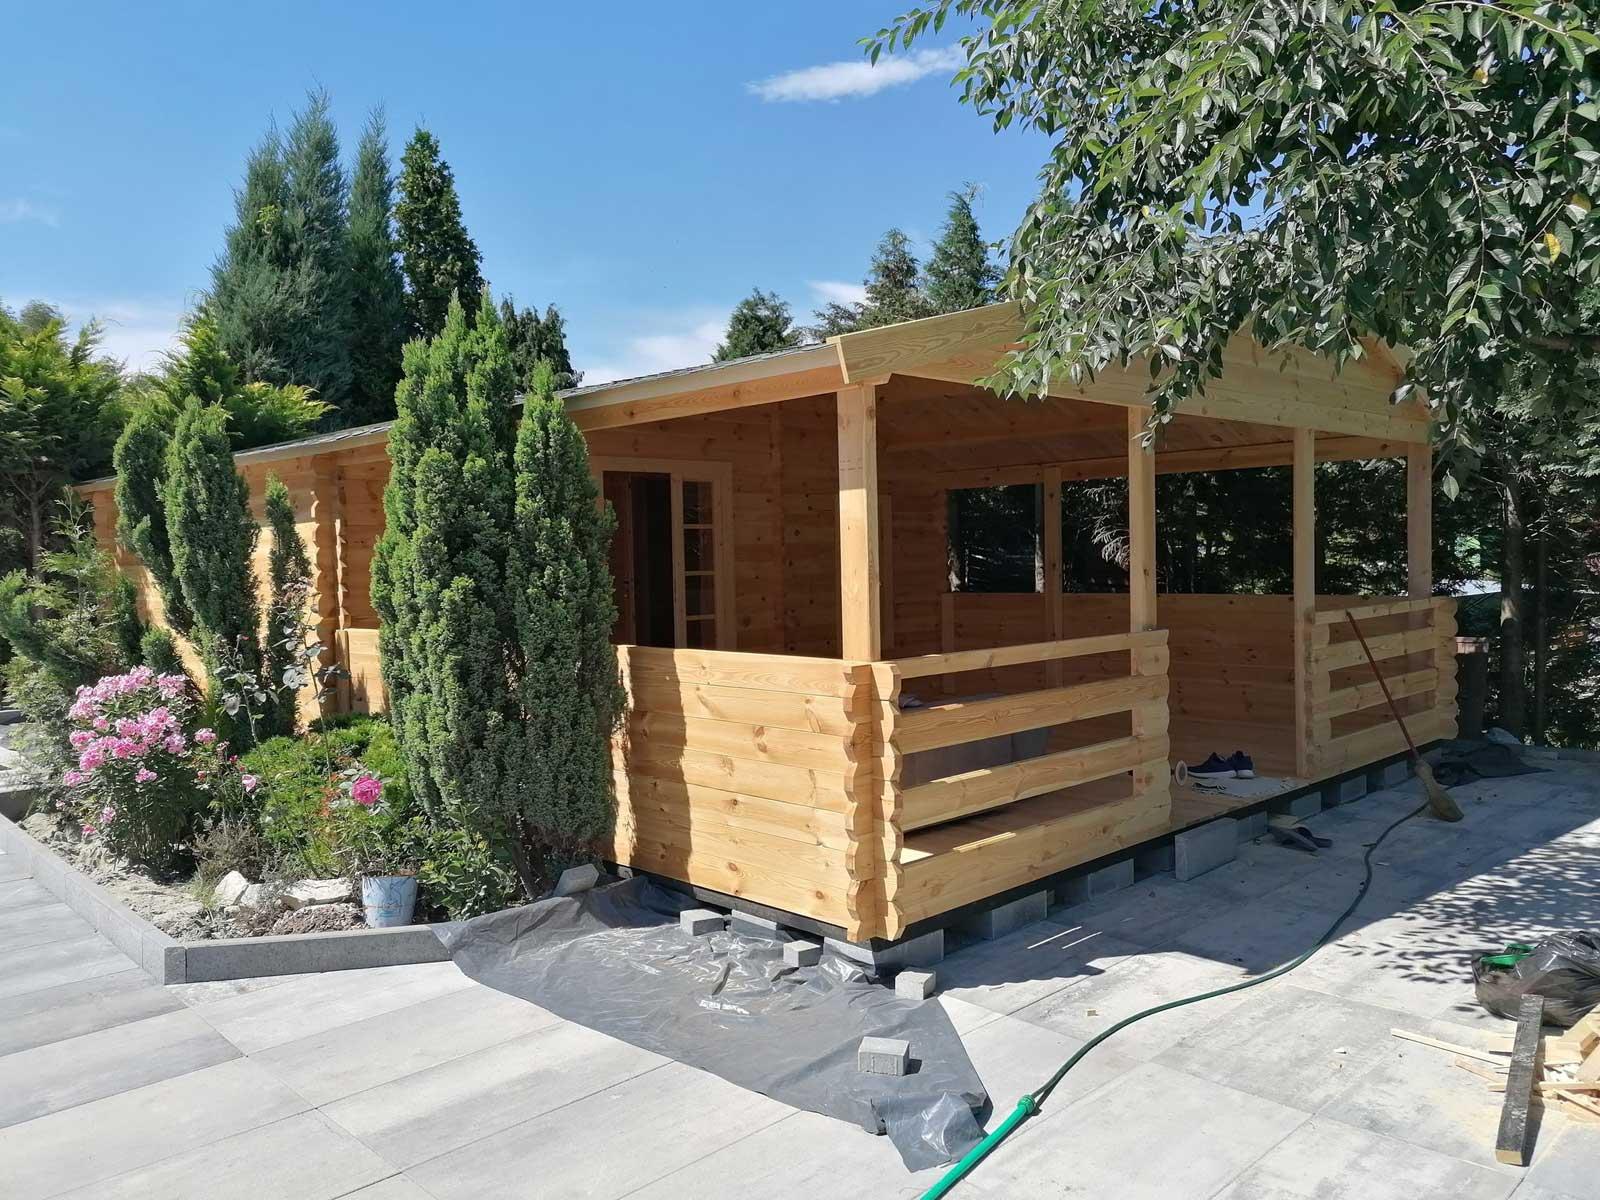 Domy z drewna - letniskowe czy całoroczne? 2